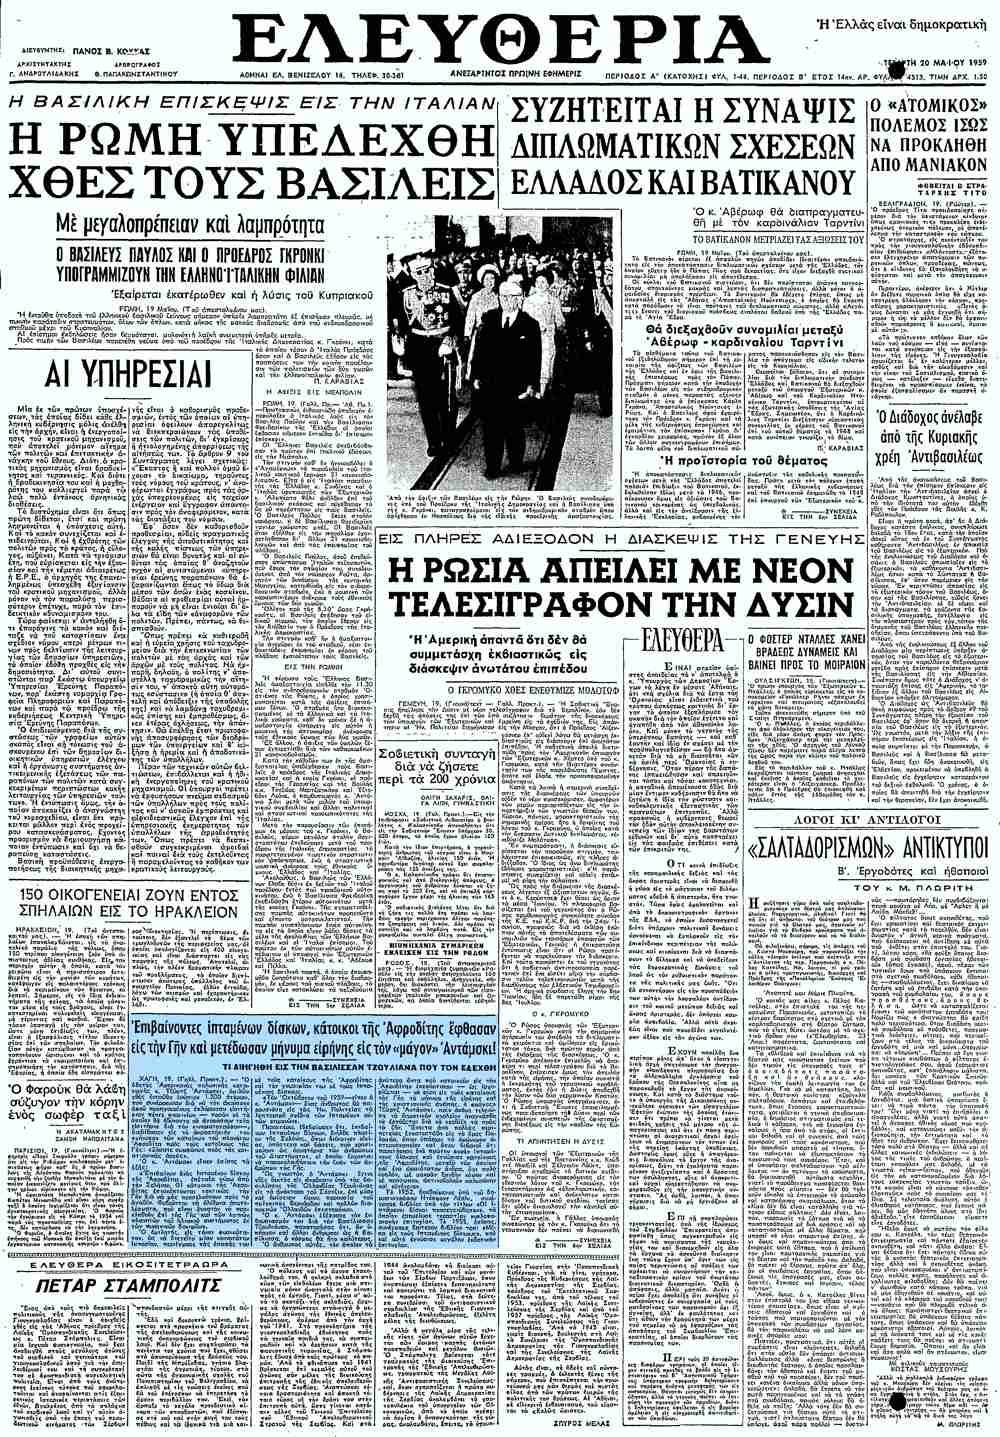 """Το άρθρο, όπως δημοσιεύθηκε στην εφημερίδα """"ΕΛΕΥΘΕΡΙΑ"""", στις 20/05/1959"""